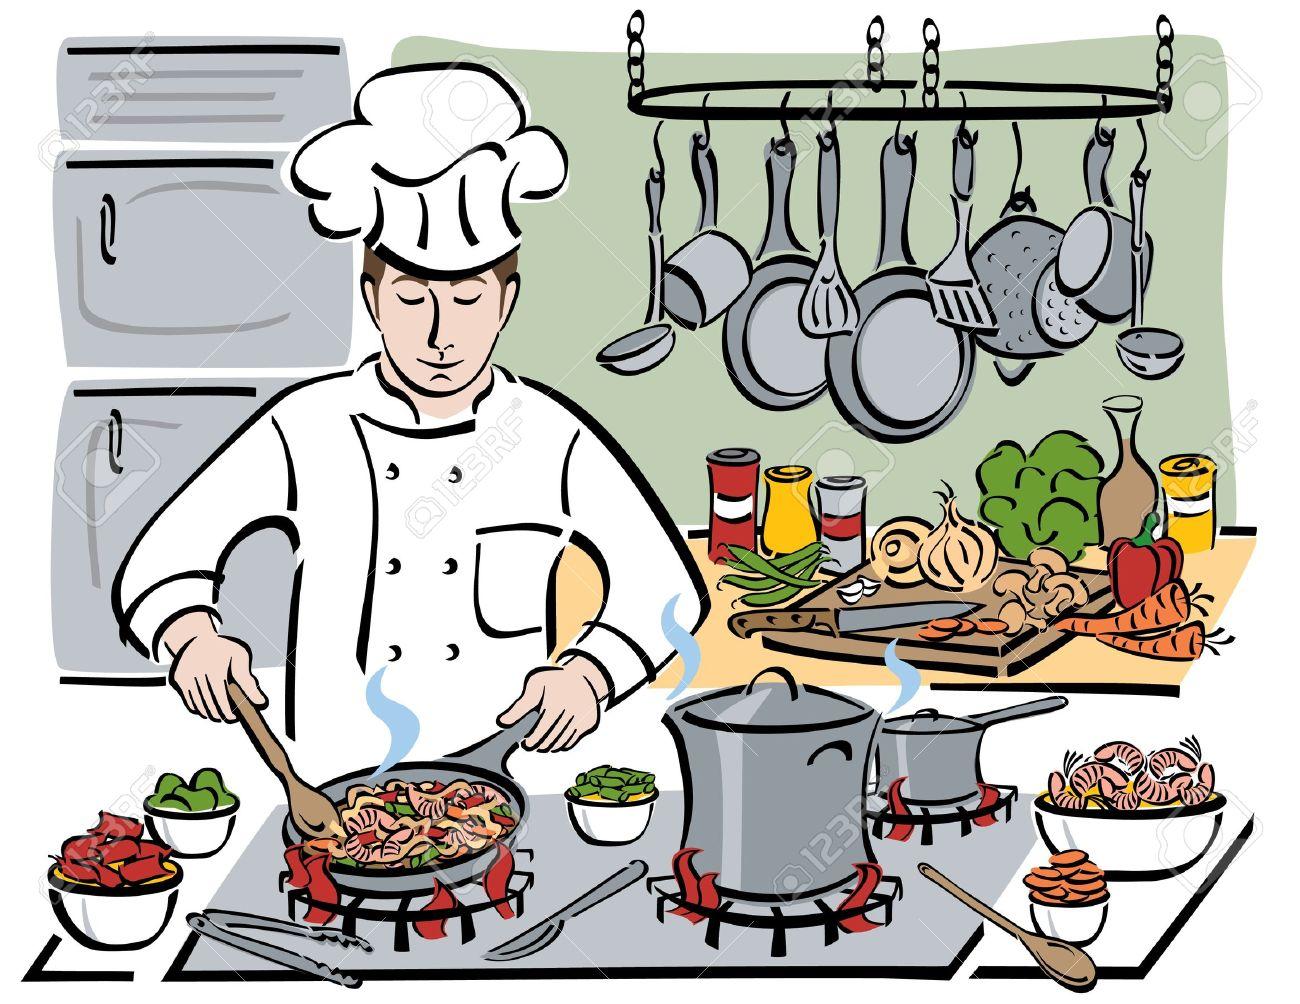 Restaurant kitchen clipart - Clipground